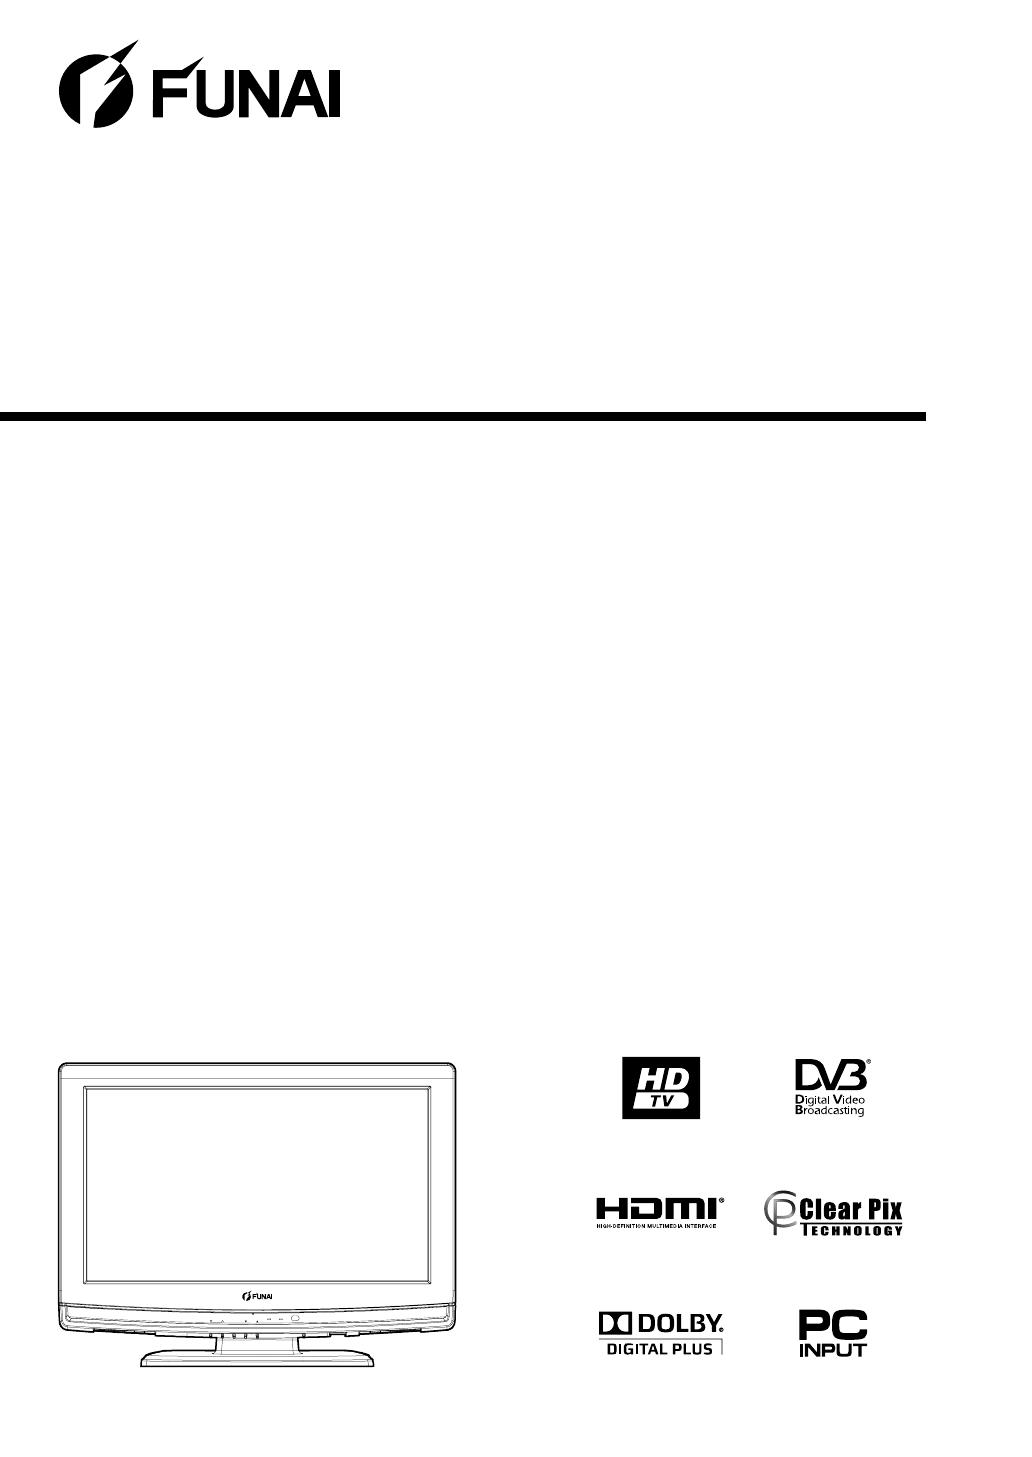 Instrukcja obsługi Funai LH7-M19BB (32 stron)